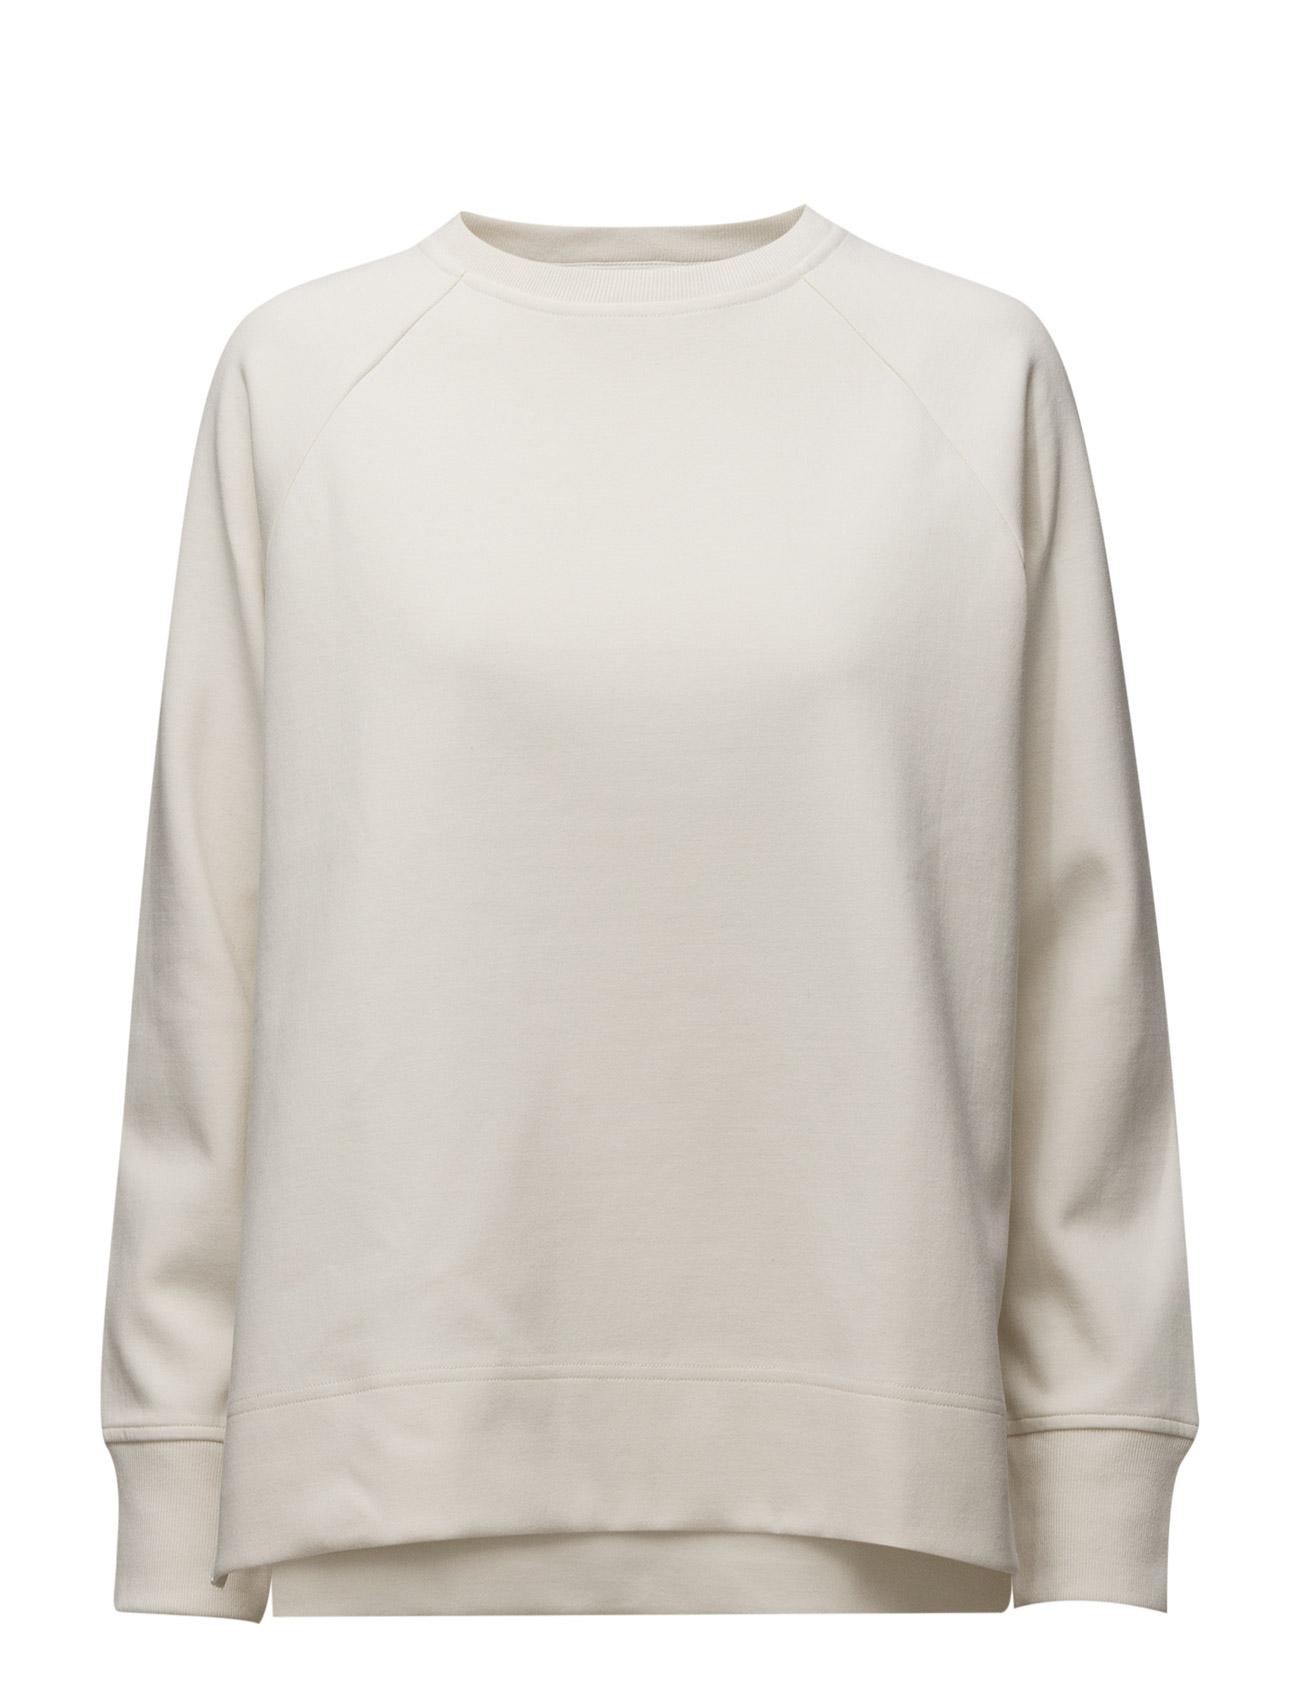 0283610ea38 ls-po-long-sleeve-knit by polo-ralph-lauren